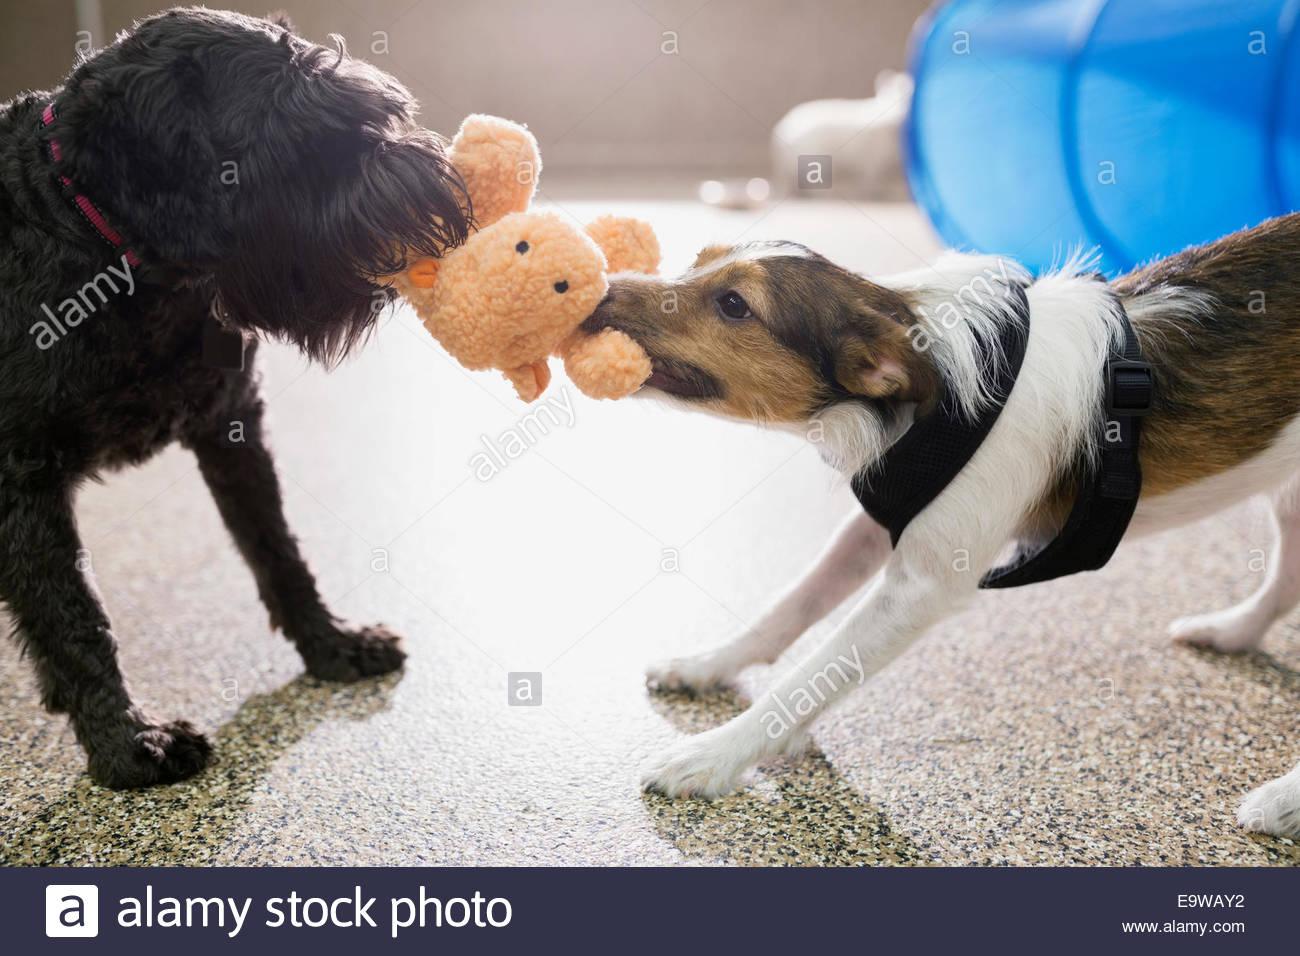 Perros jugando tug-of-war con peluche Imagen De Stock